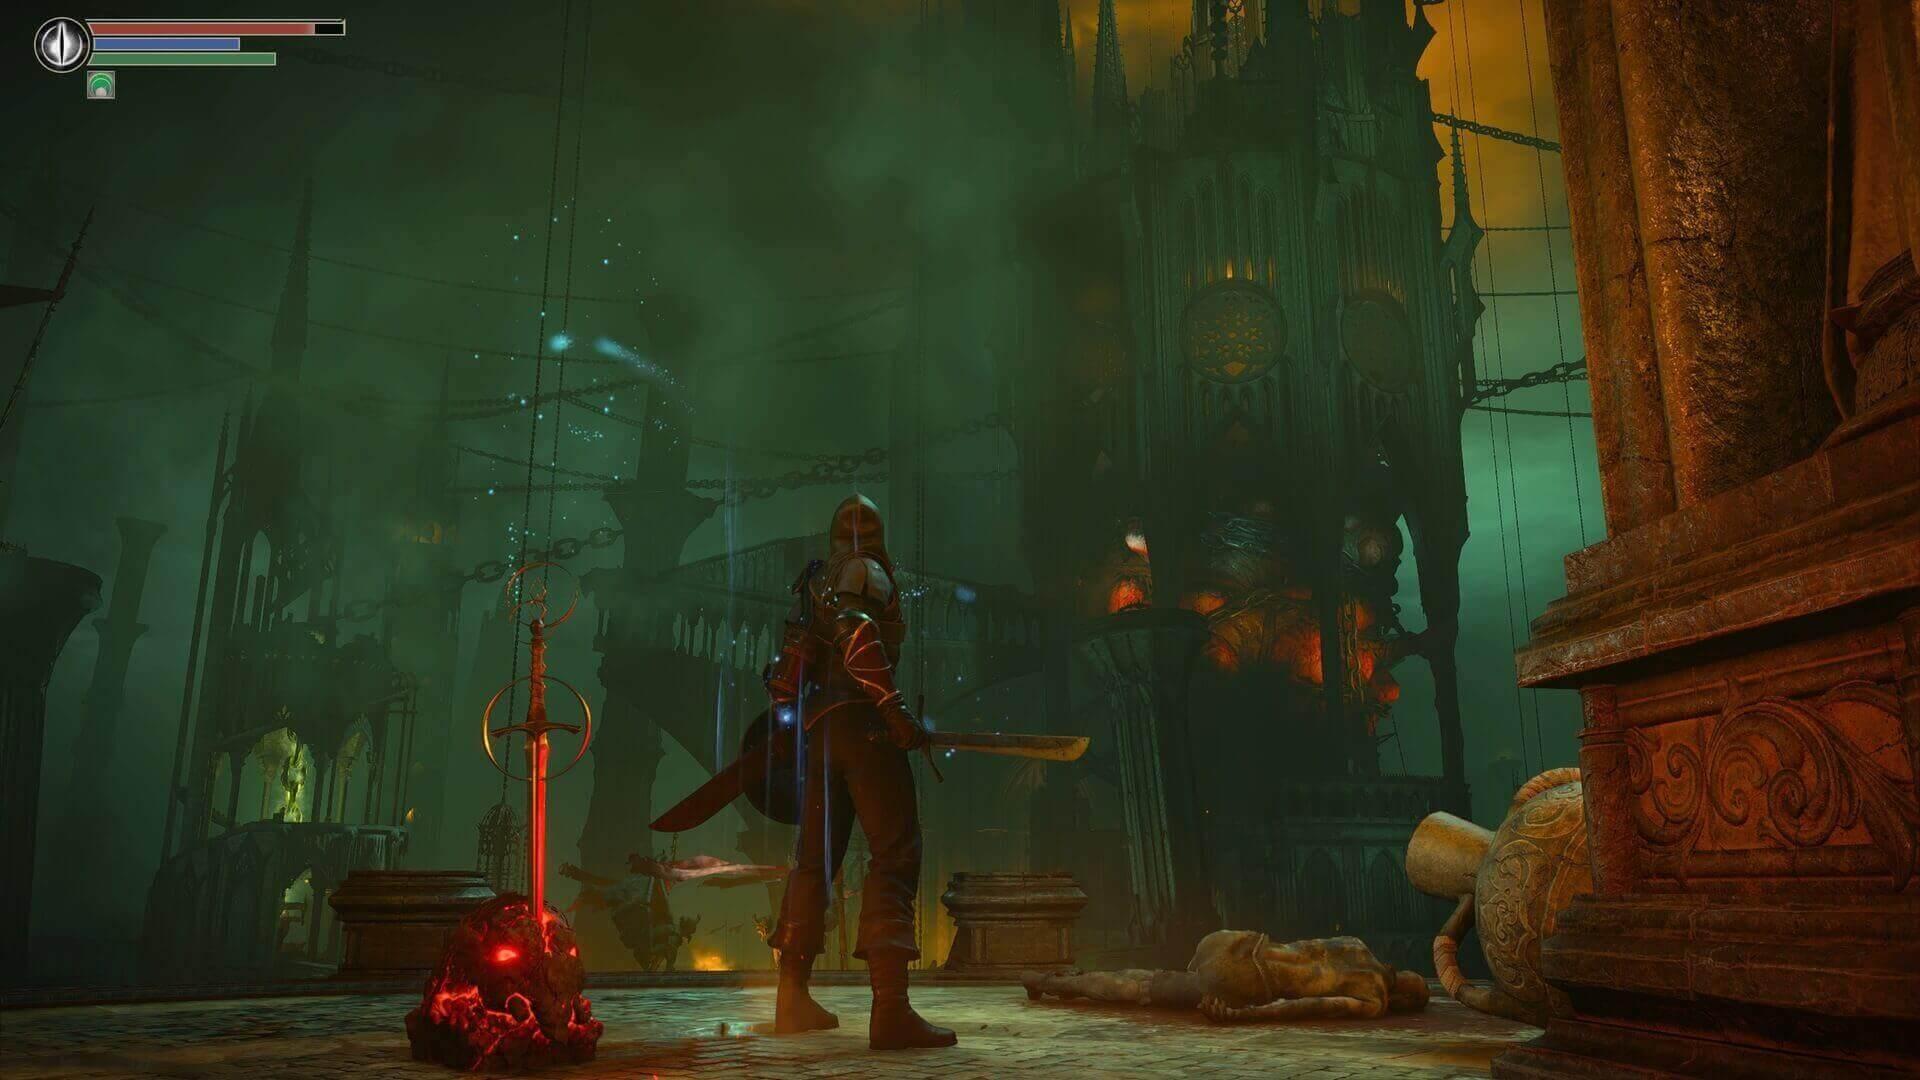 Análise Demon's Souls, Análise Demon's Souls Remake, Demon's Souls, Demon's Souls Remake, Delfos, From Software, PS5, Demon's Souls dicas, Demon's Souls Remake dicas